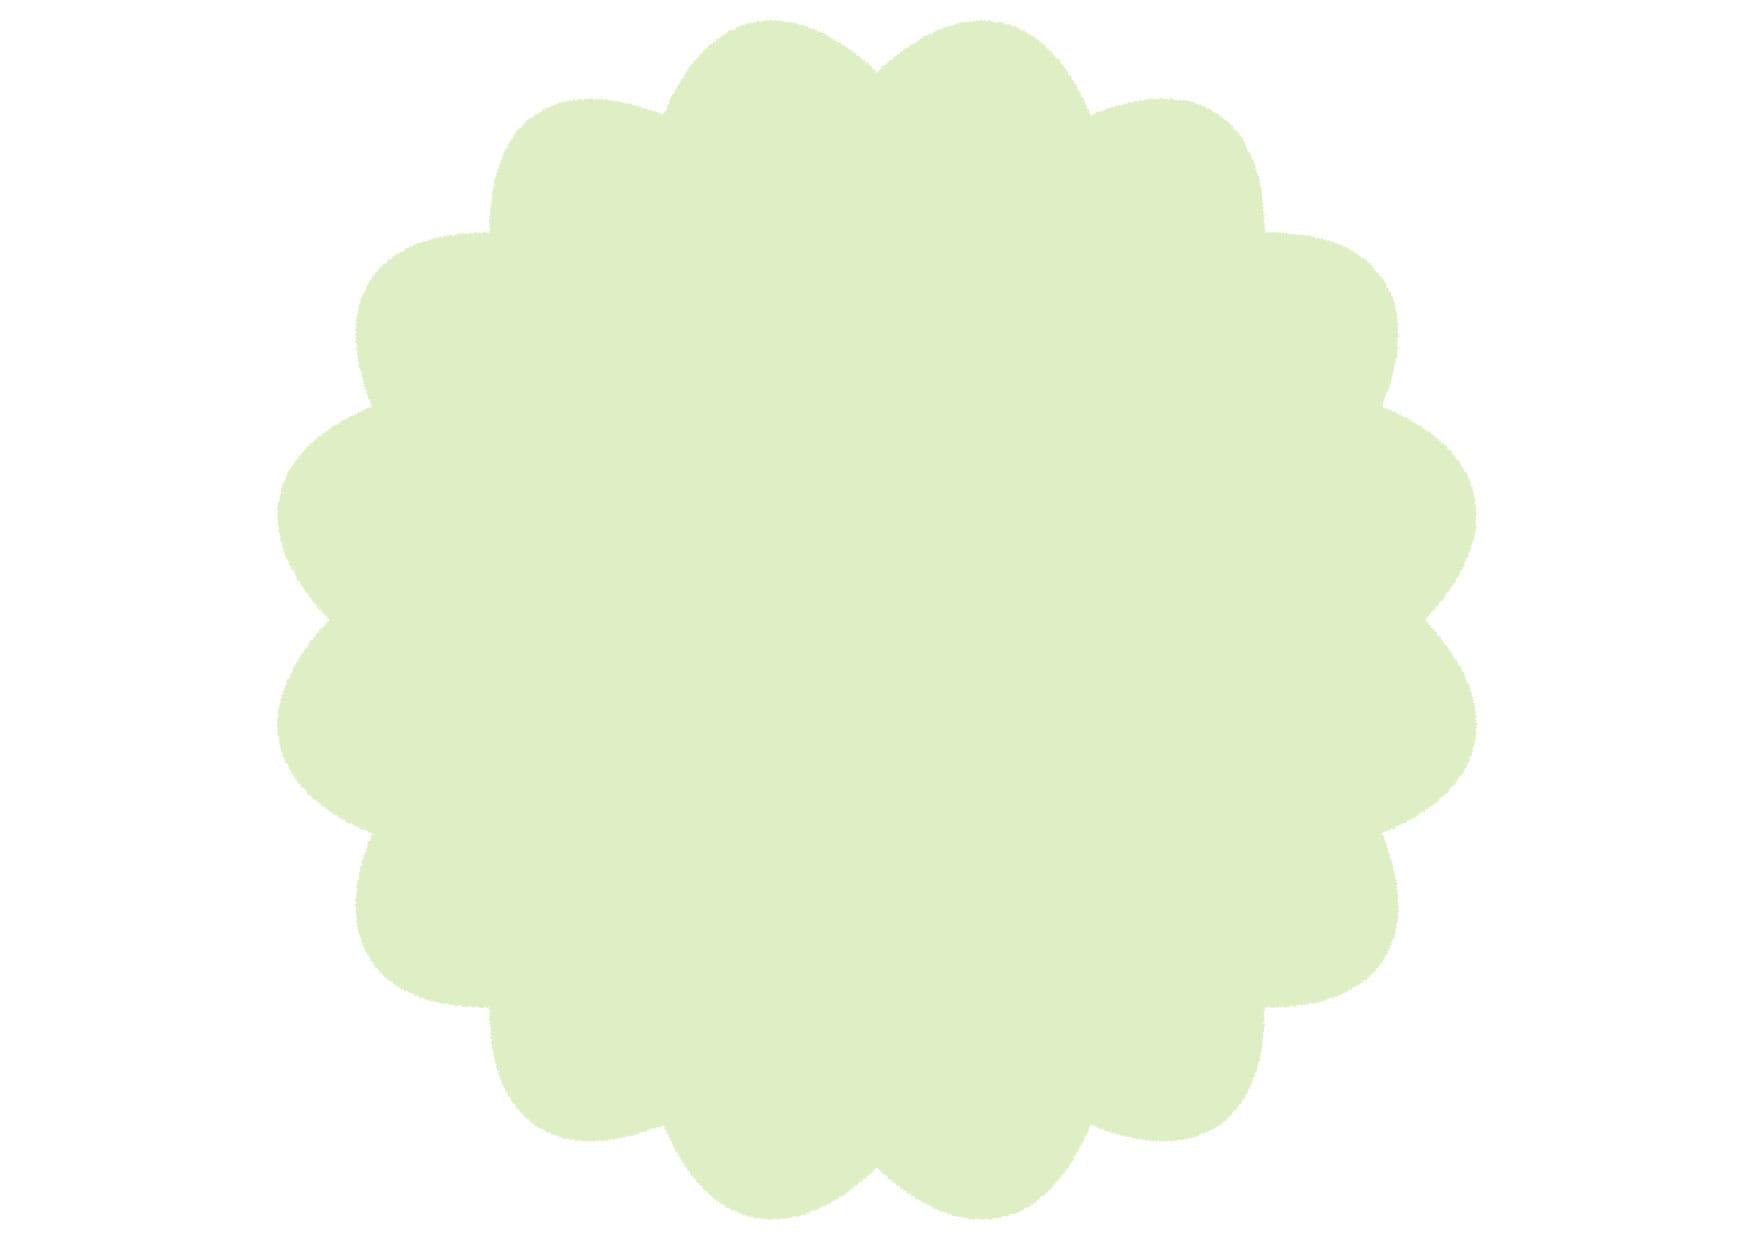 可愛いイラスト無料|シンプル やわらかい フレーム 薄緑色 − free illustration  Simple soft frame light green